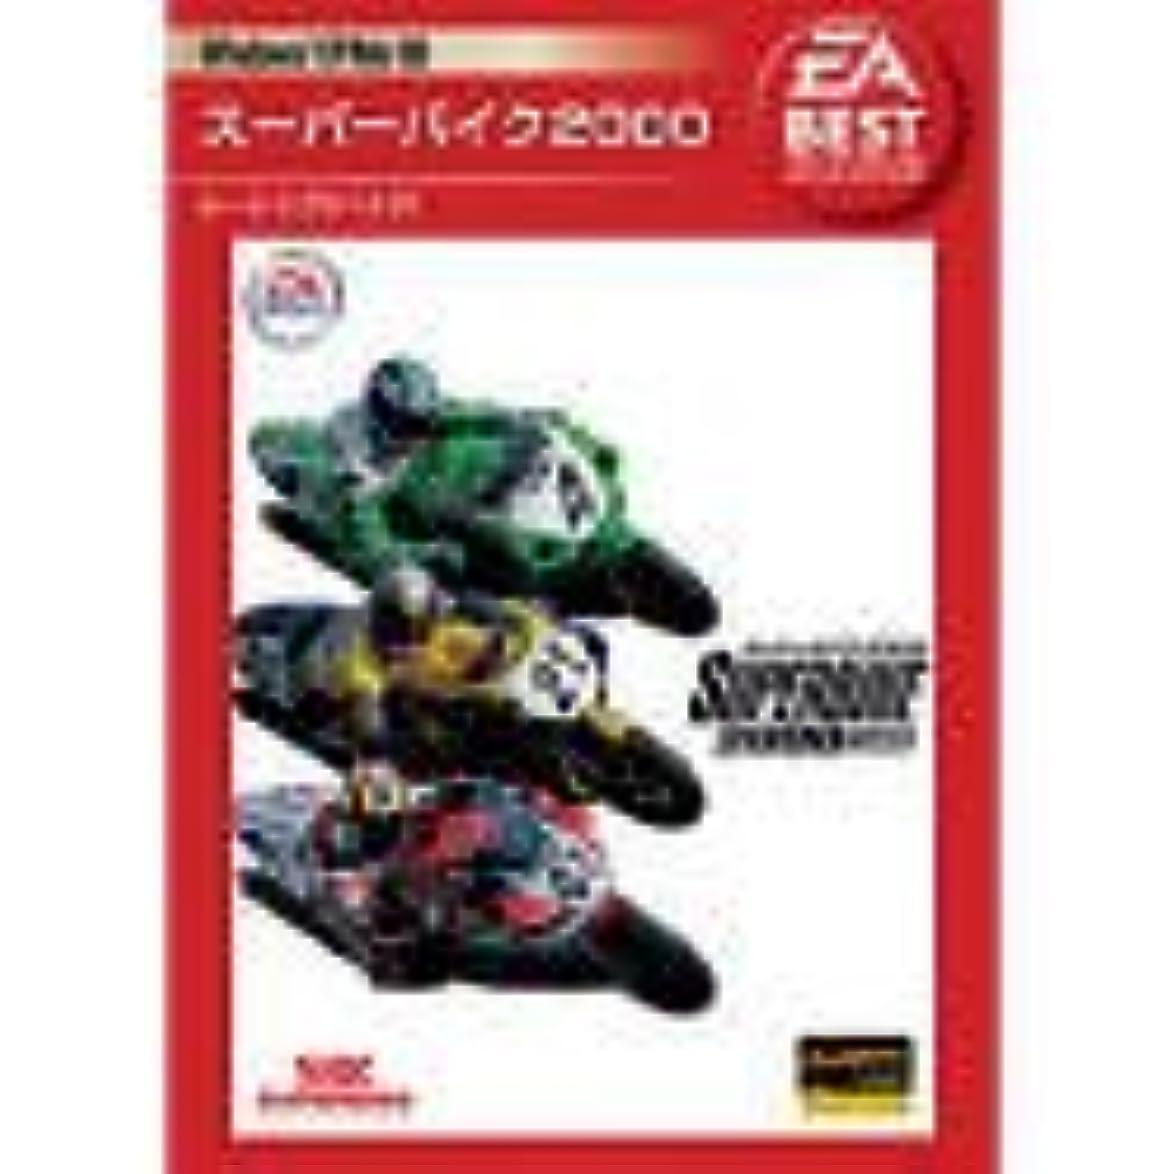 荒らすめ言葉防衛EA Best Selections スーパーバイク 2000